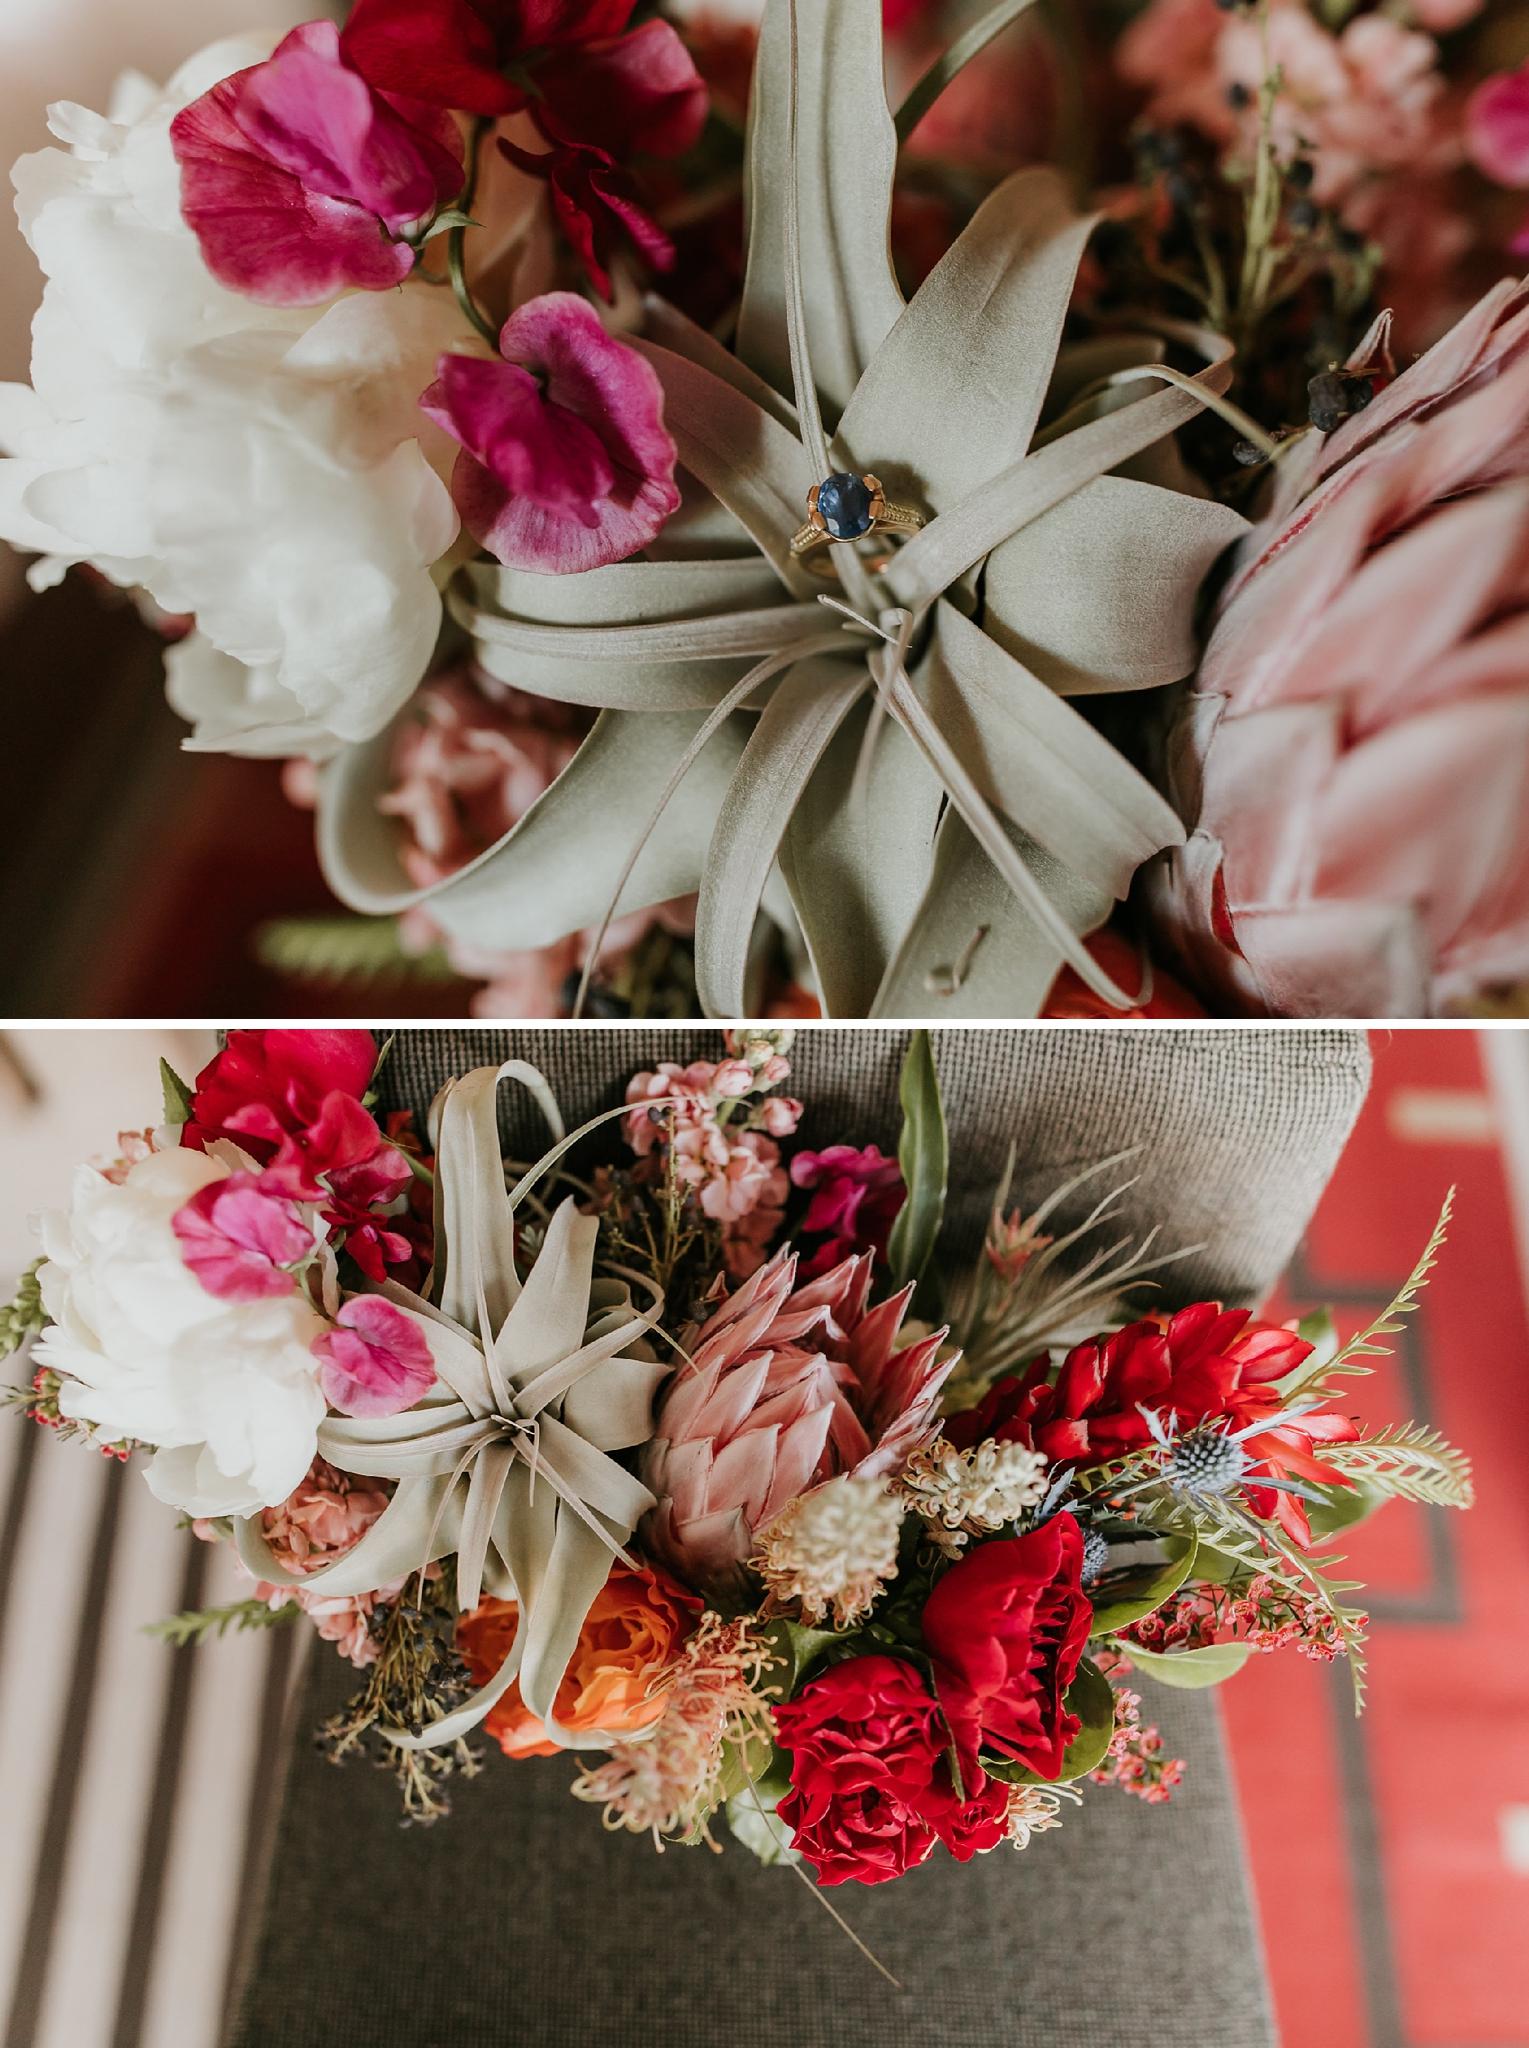 Alicia+lucia+photography+-+albuquerque+wedding+photographer+-+santa+fe+wedding+photography+-+new+mexico+wedding+photographer+-+new+mexico+wedding+-+new+mexico+florist+-+floriography+flowers+-+floriography+flowers+new+mexico+-+wedding+florist_0053.jpg